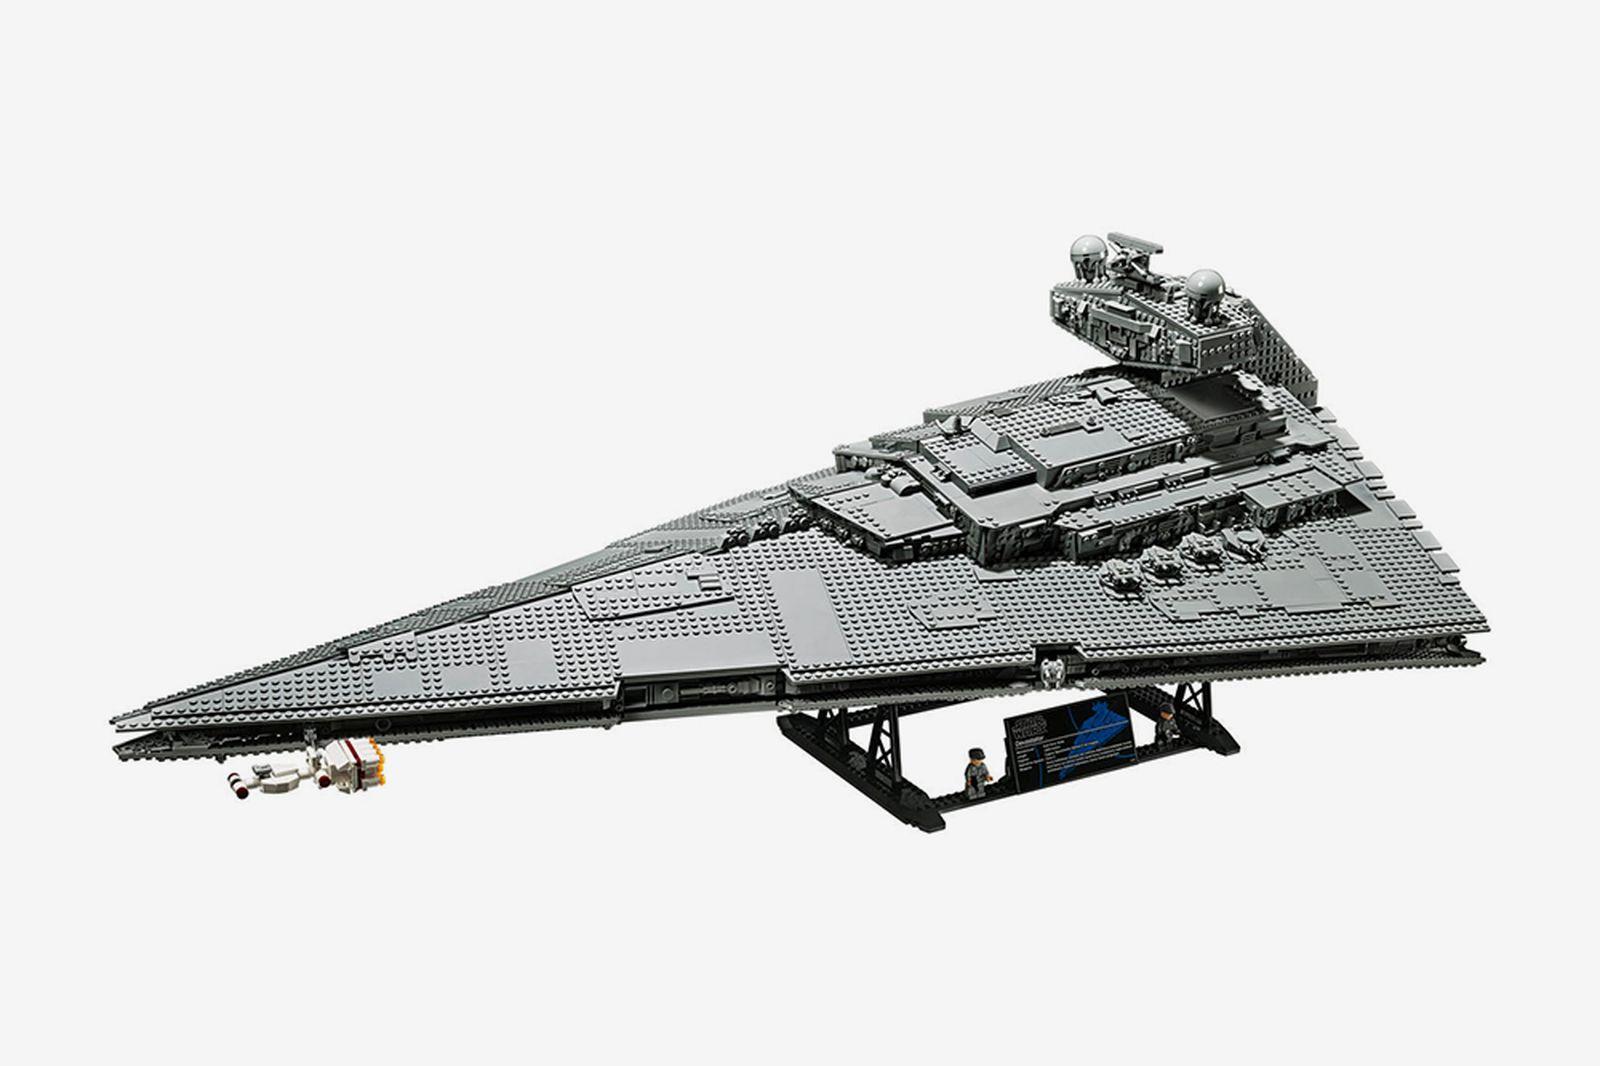 biggest-lego-sets-06